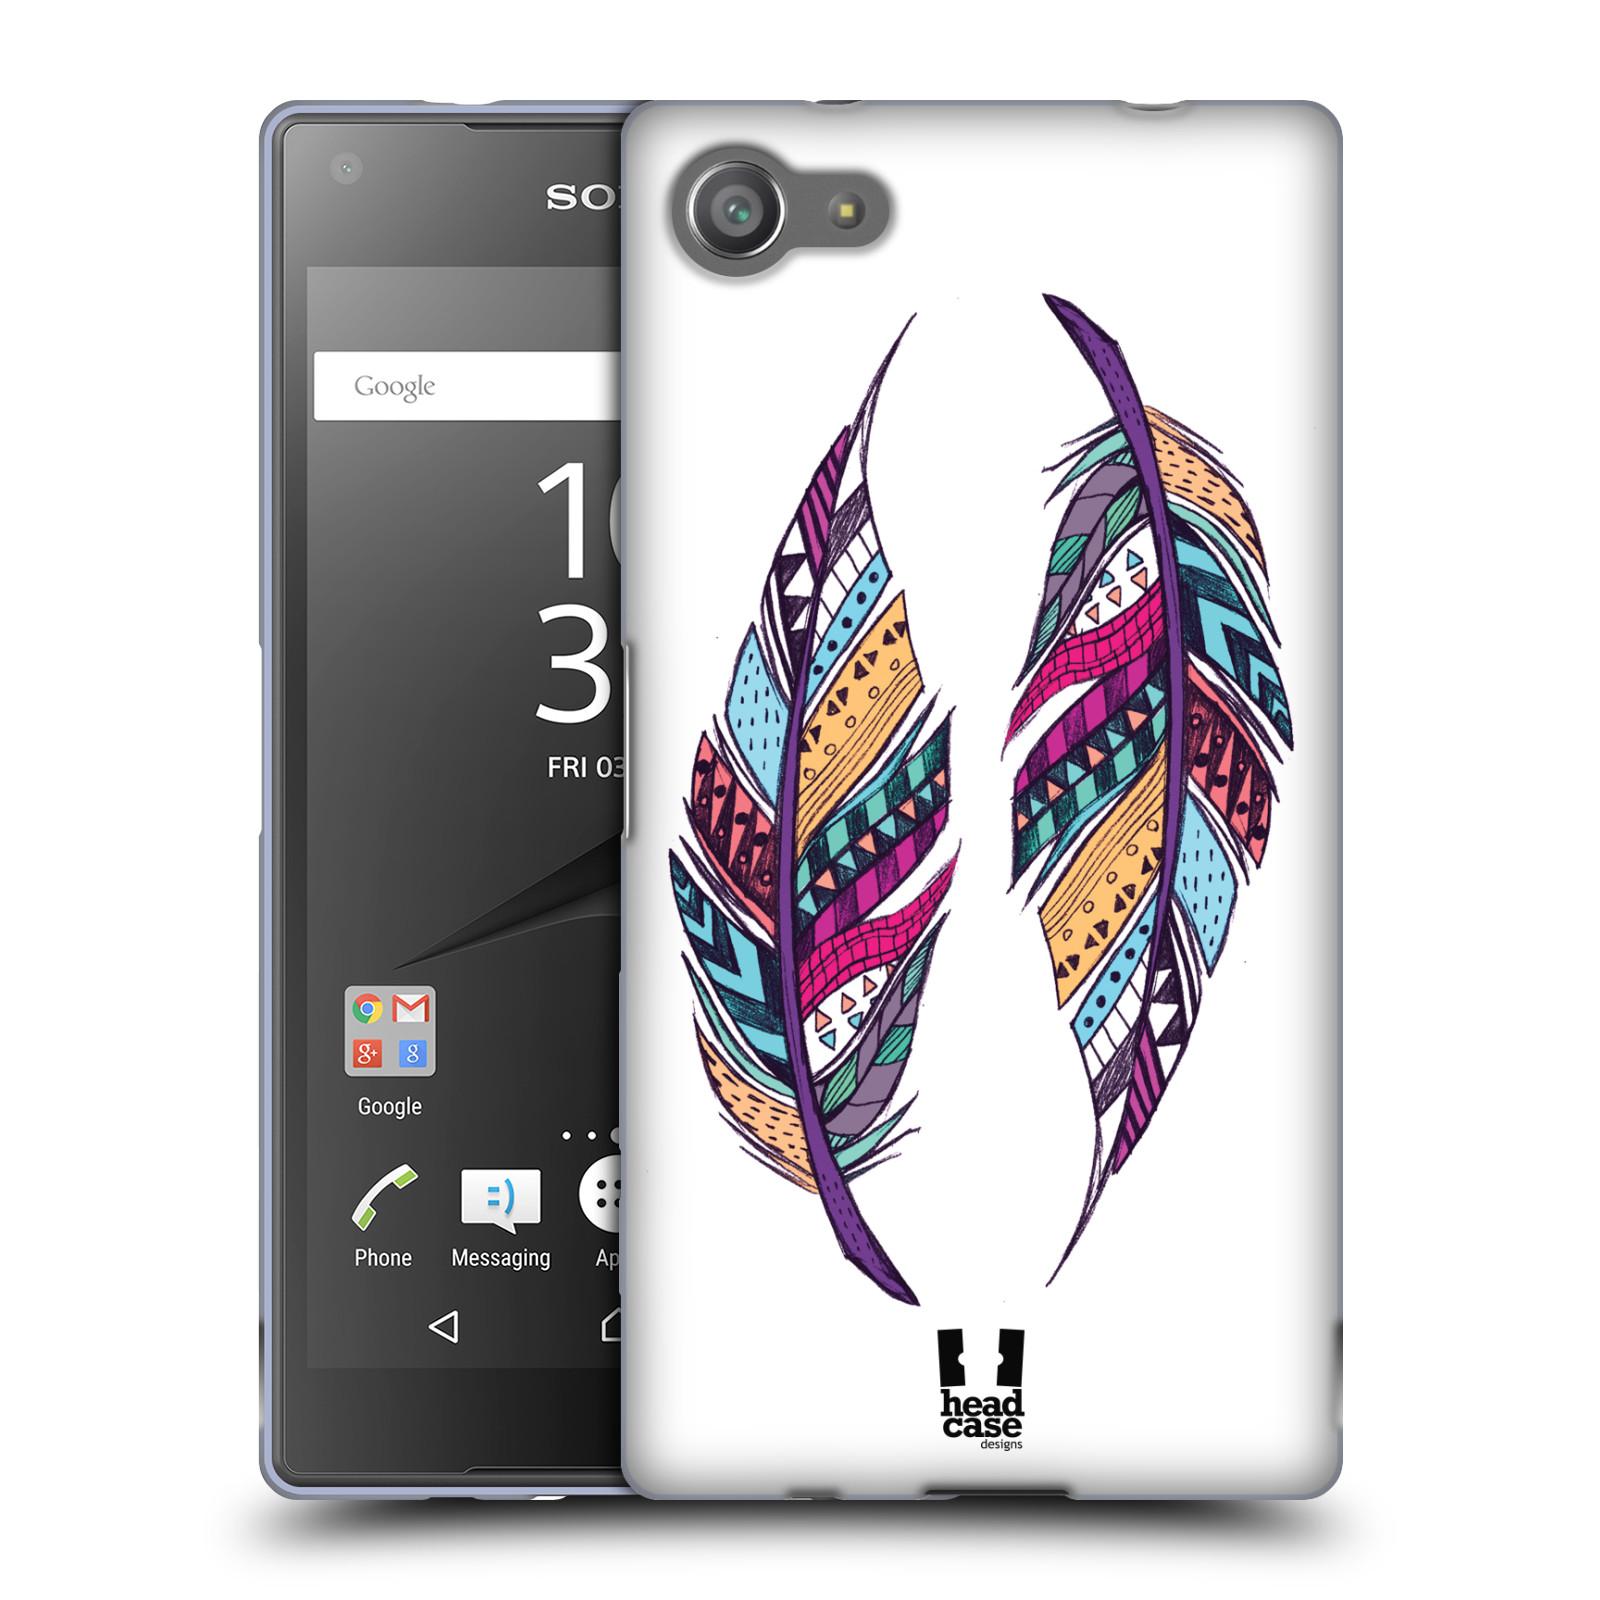 Silikonové pouzdro na mobil Sony Xperia Z5 Compact HEAD CASE AZTEC PÍRKA